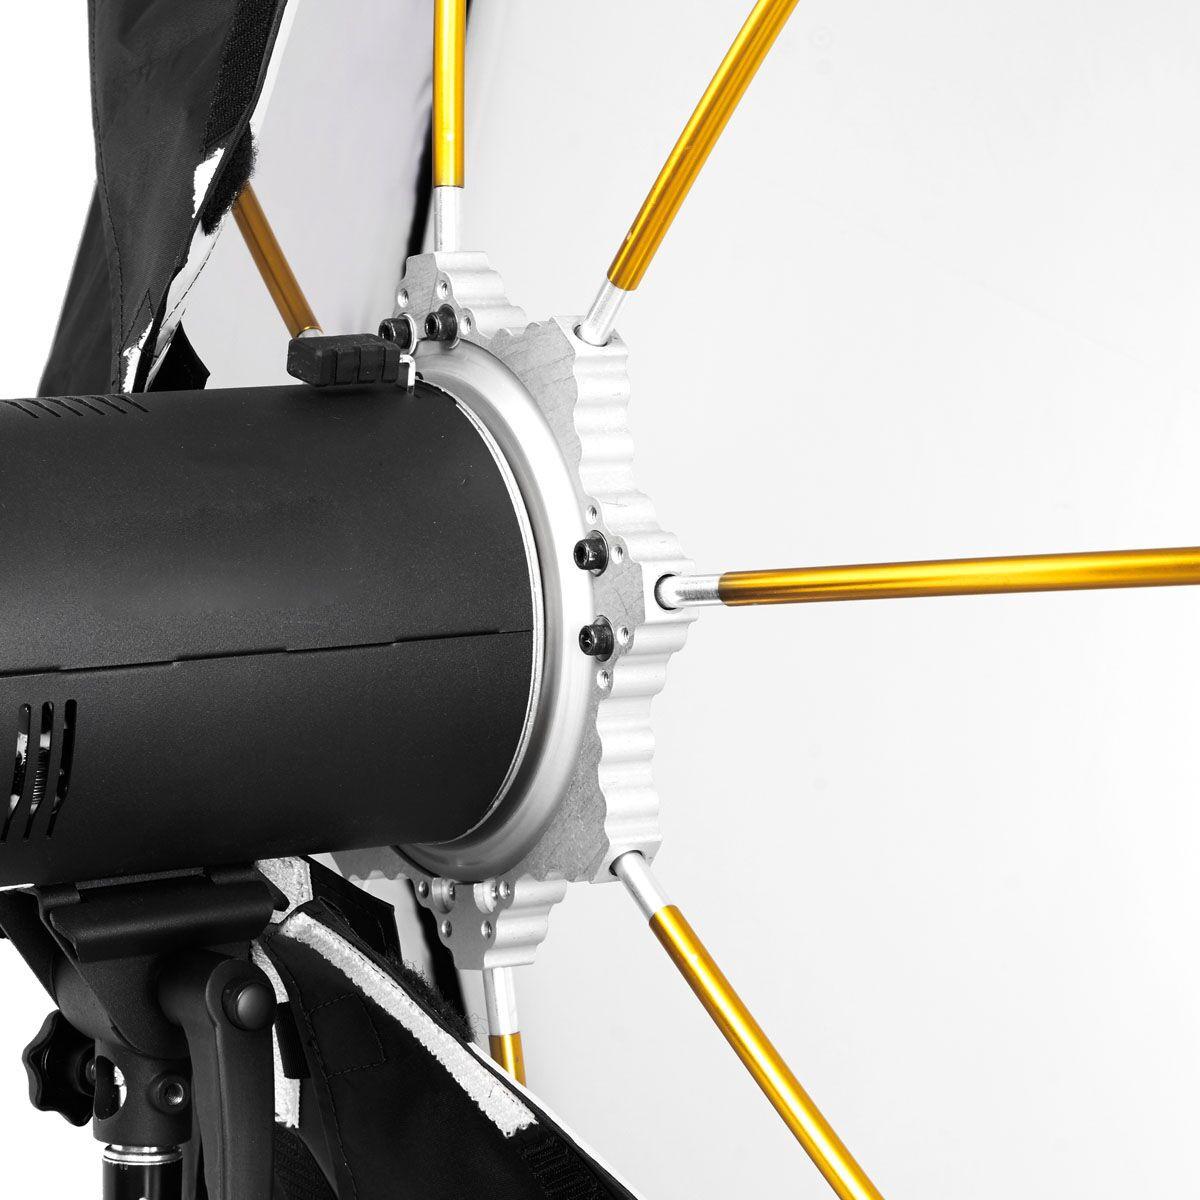 OctaSpace 5 ft Lightbank for Spacelite Jr